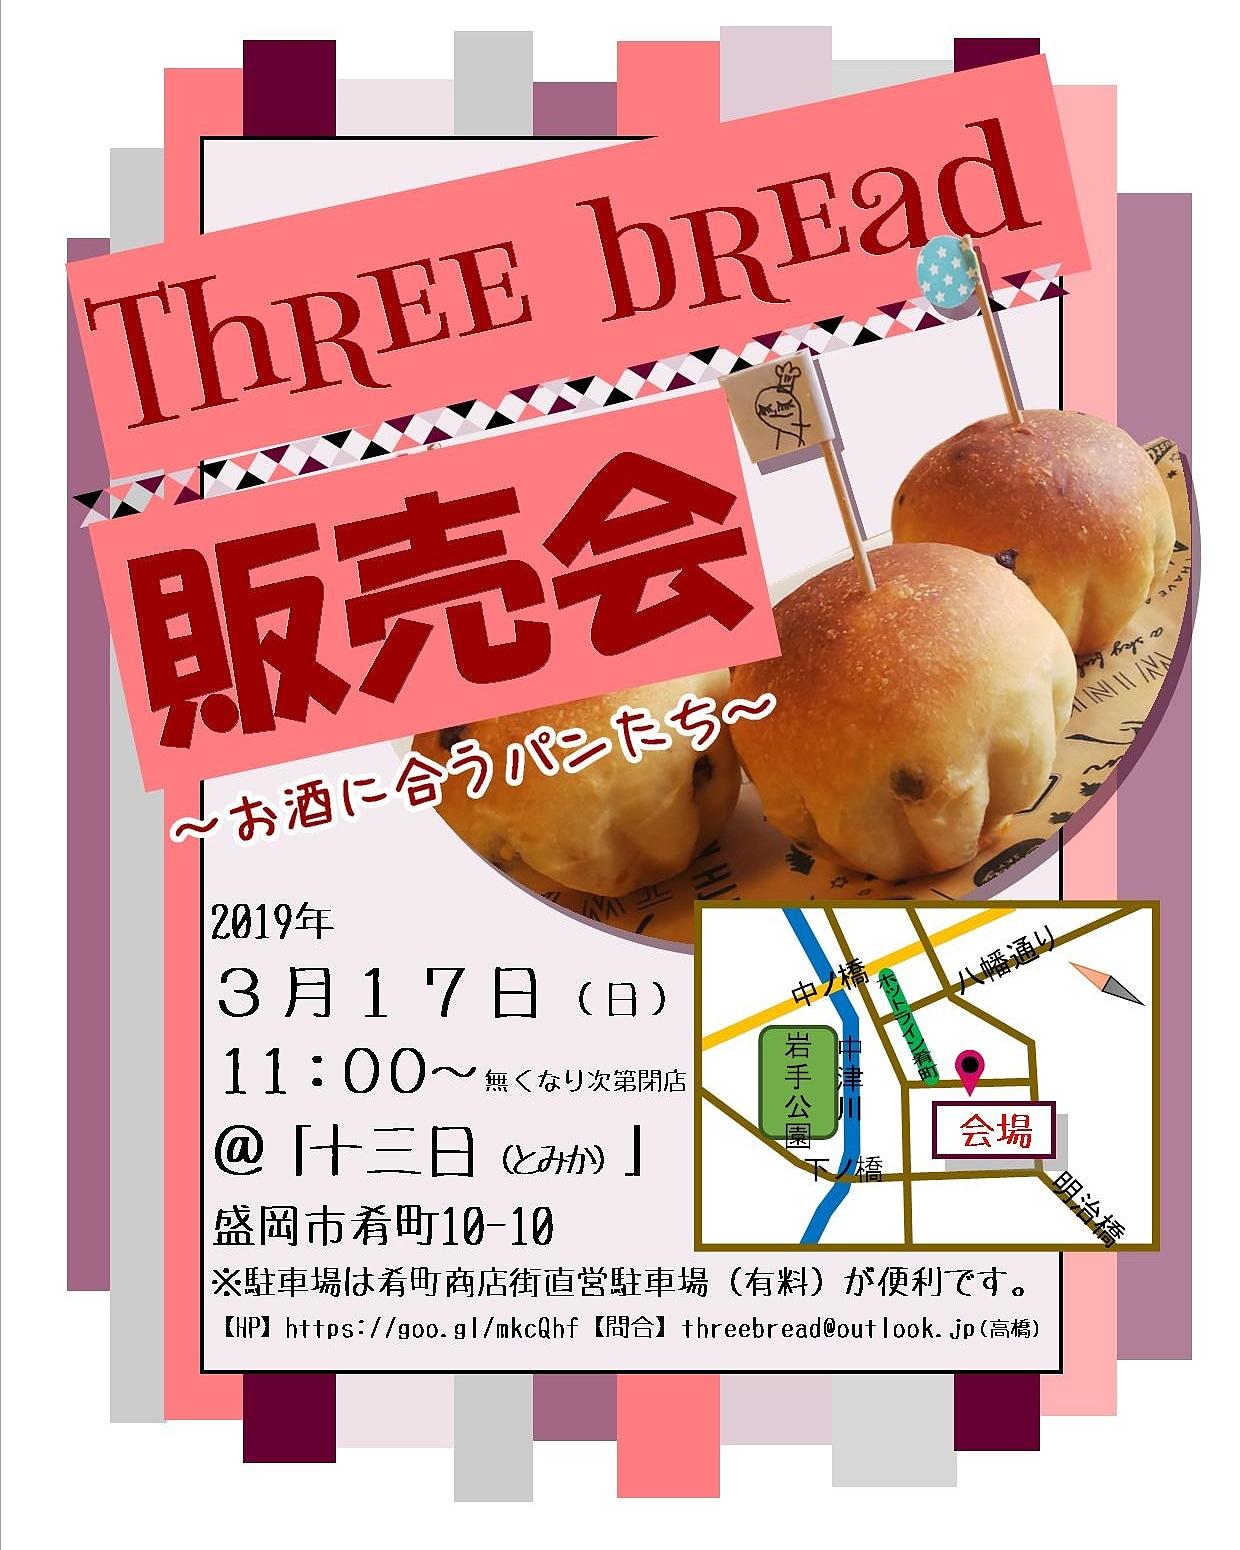 【3月17日開催】Three breadお酒に合うパンたち販売会